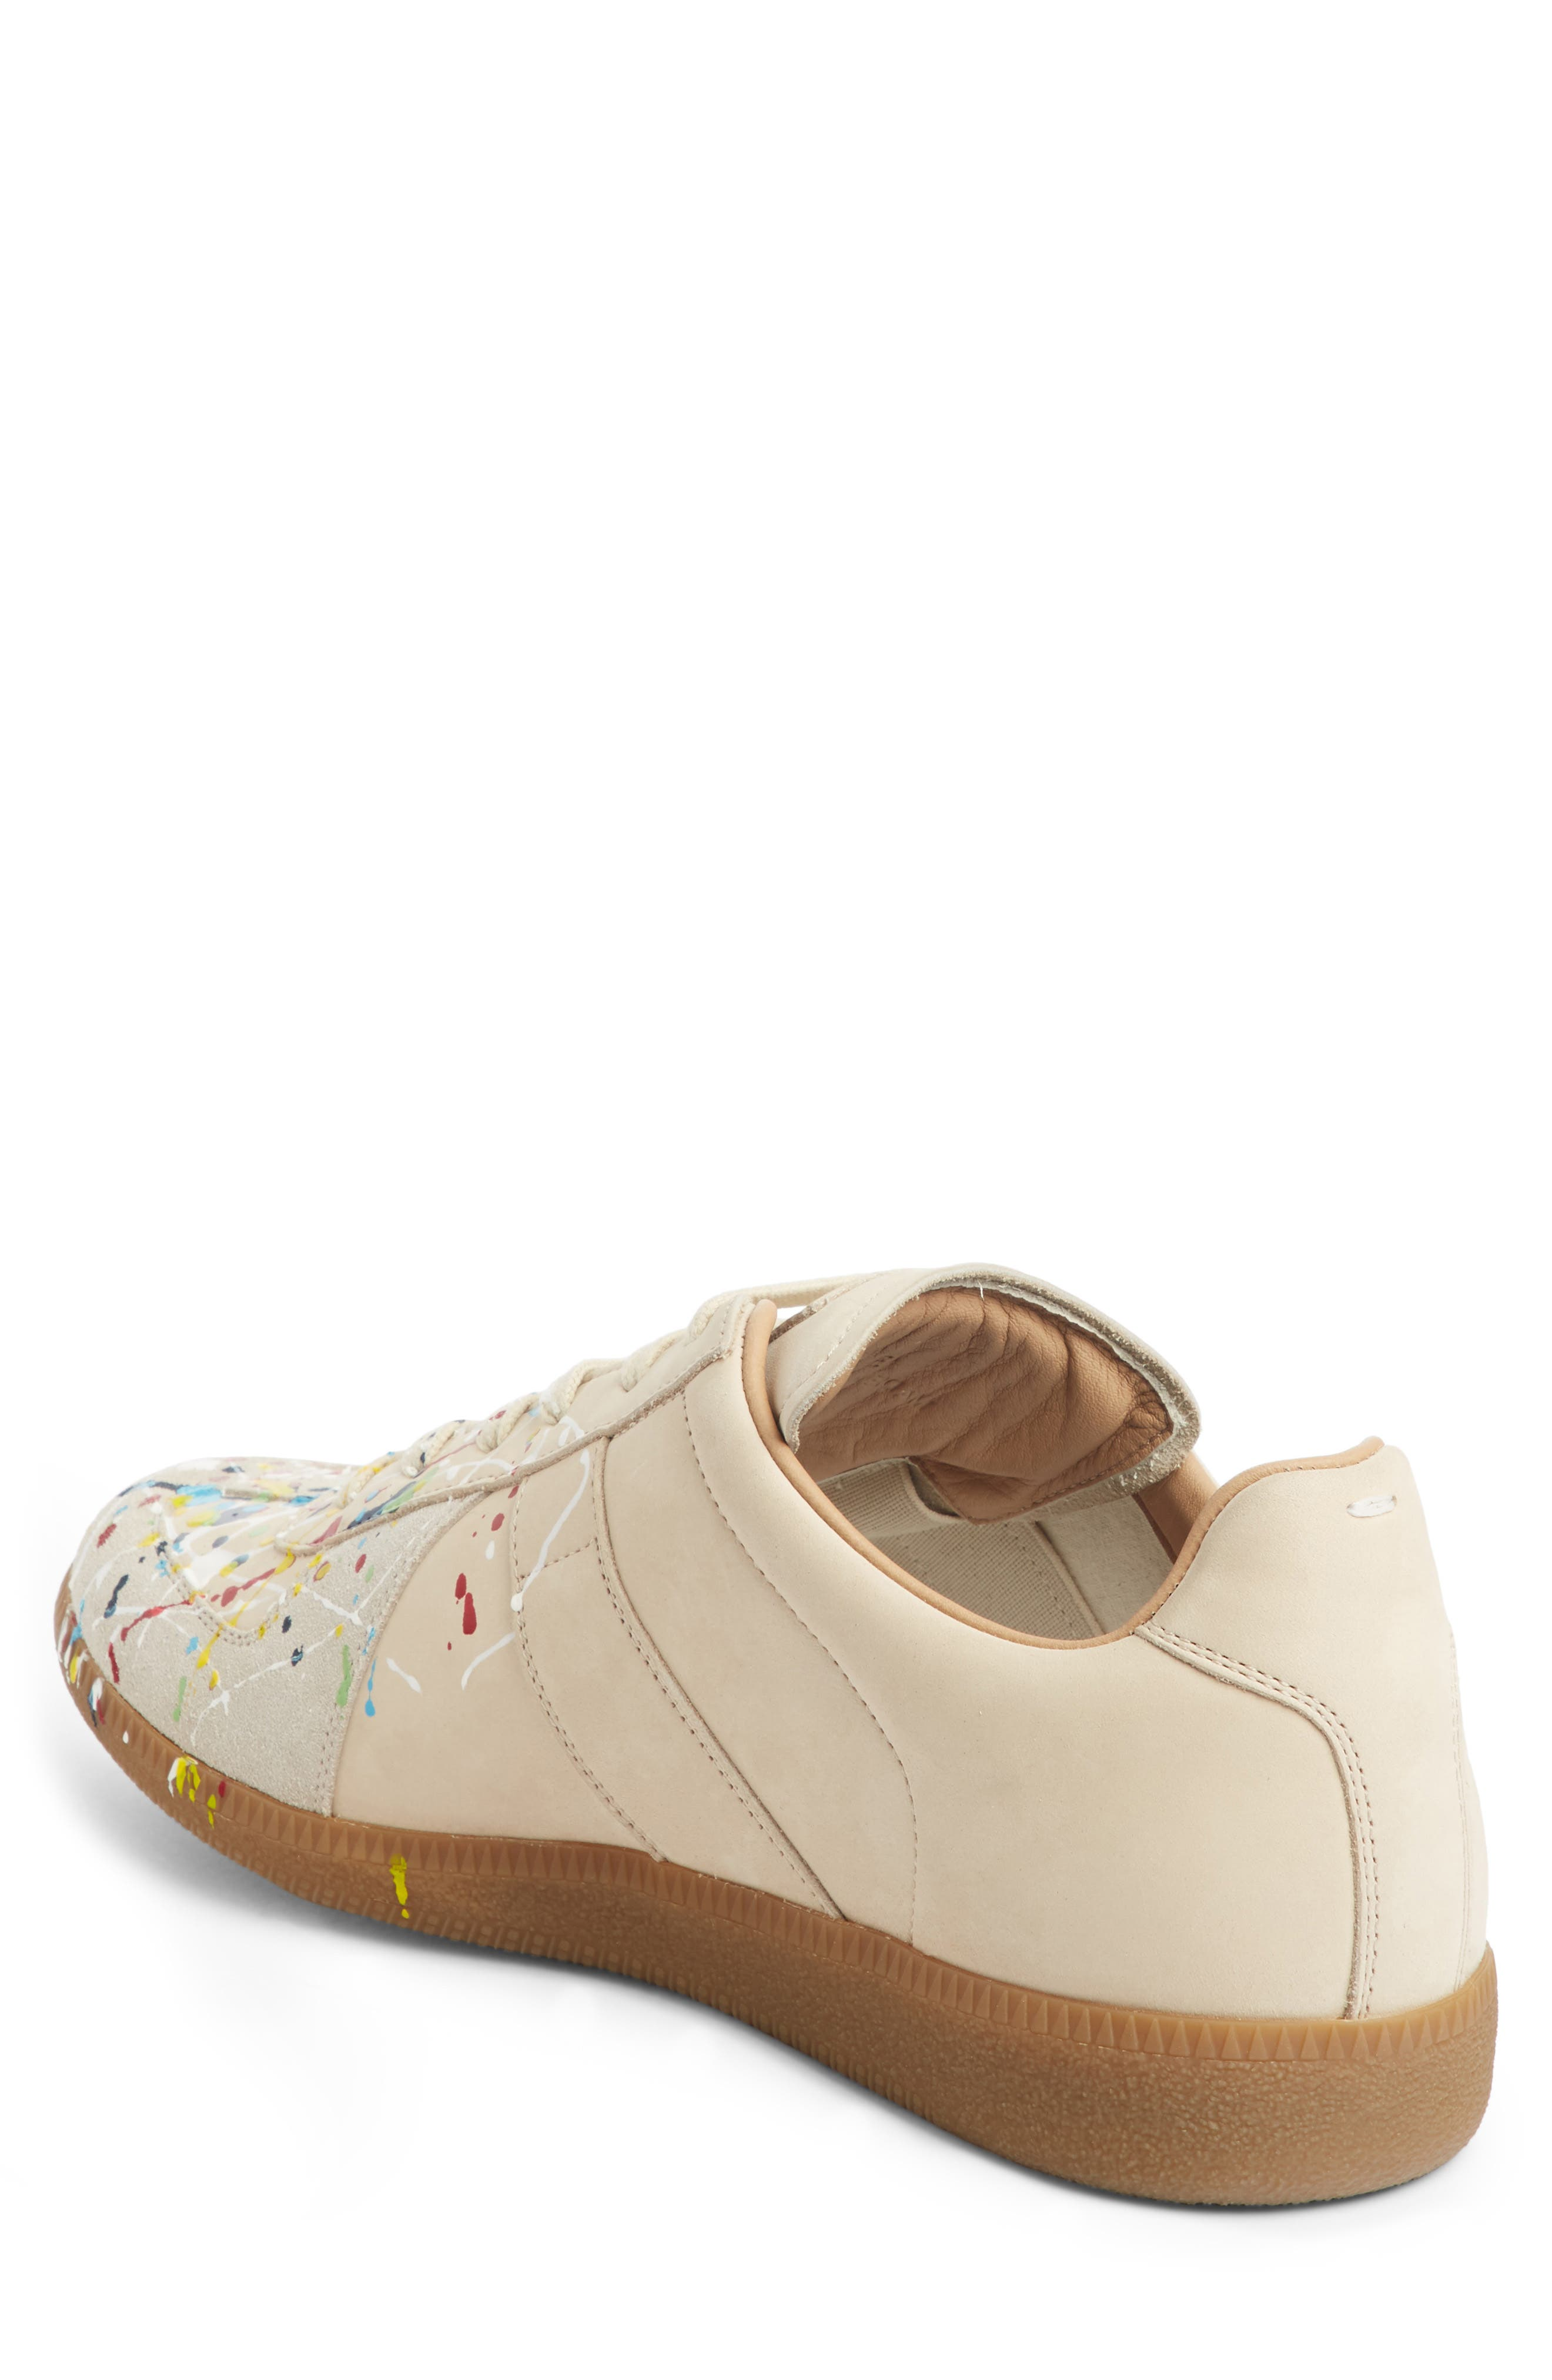 Maison Margiela Replica Low Top Sneaker,                             Alternate thumbnail 2, color,                             BEIGE / PAINT